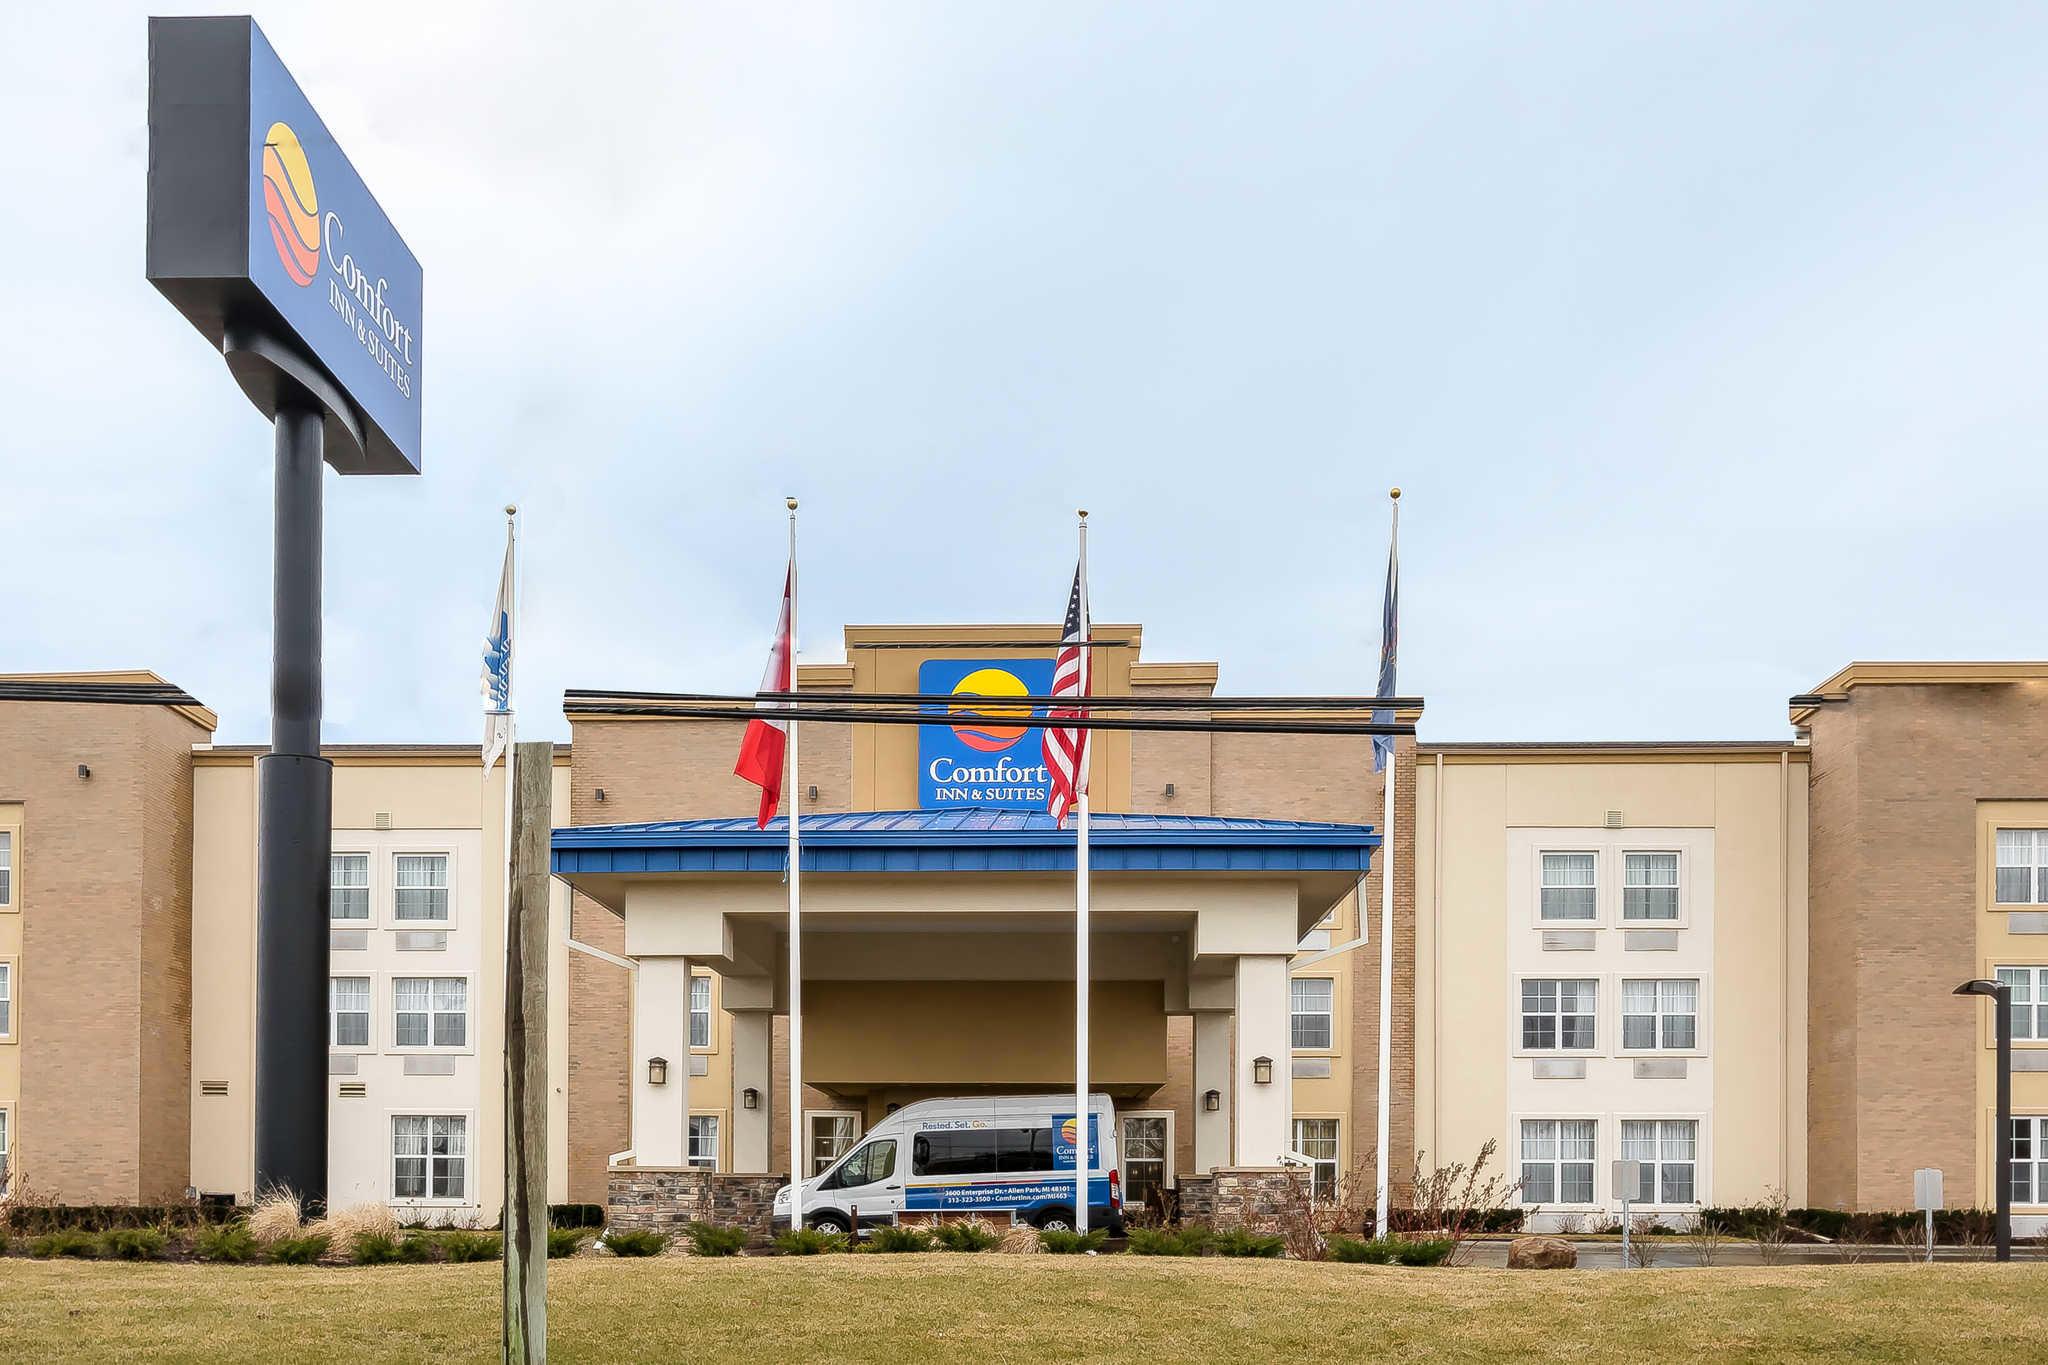 Comfort inn suites in allen park mi 48101 for Motor city casino hours